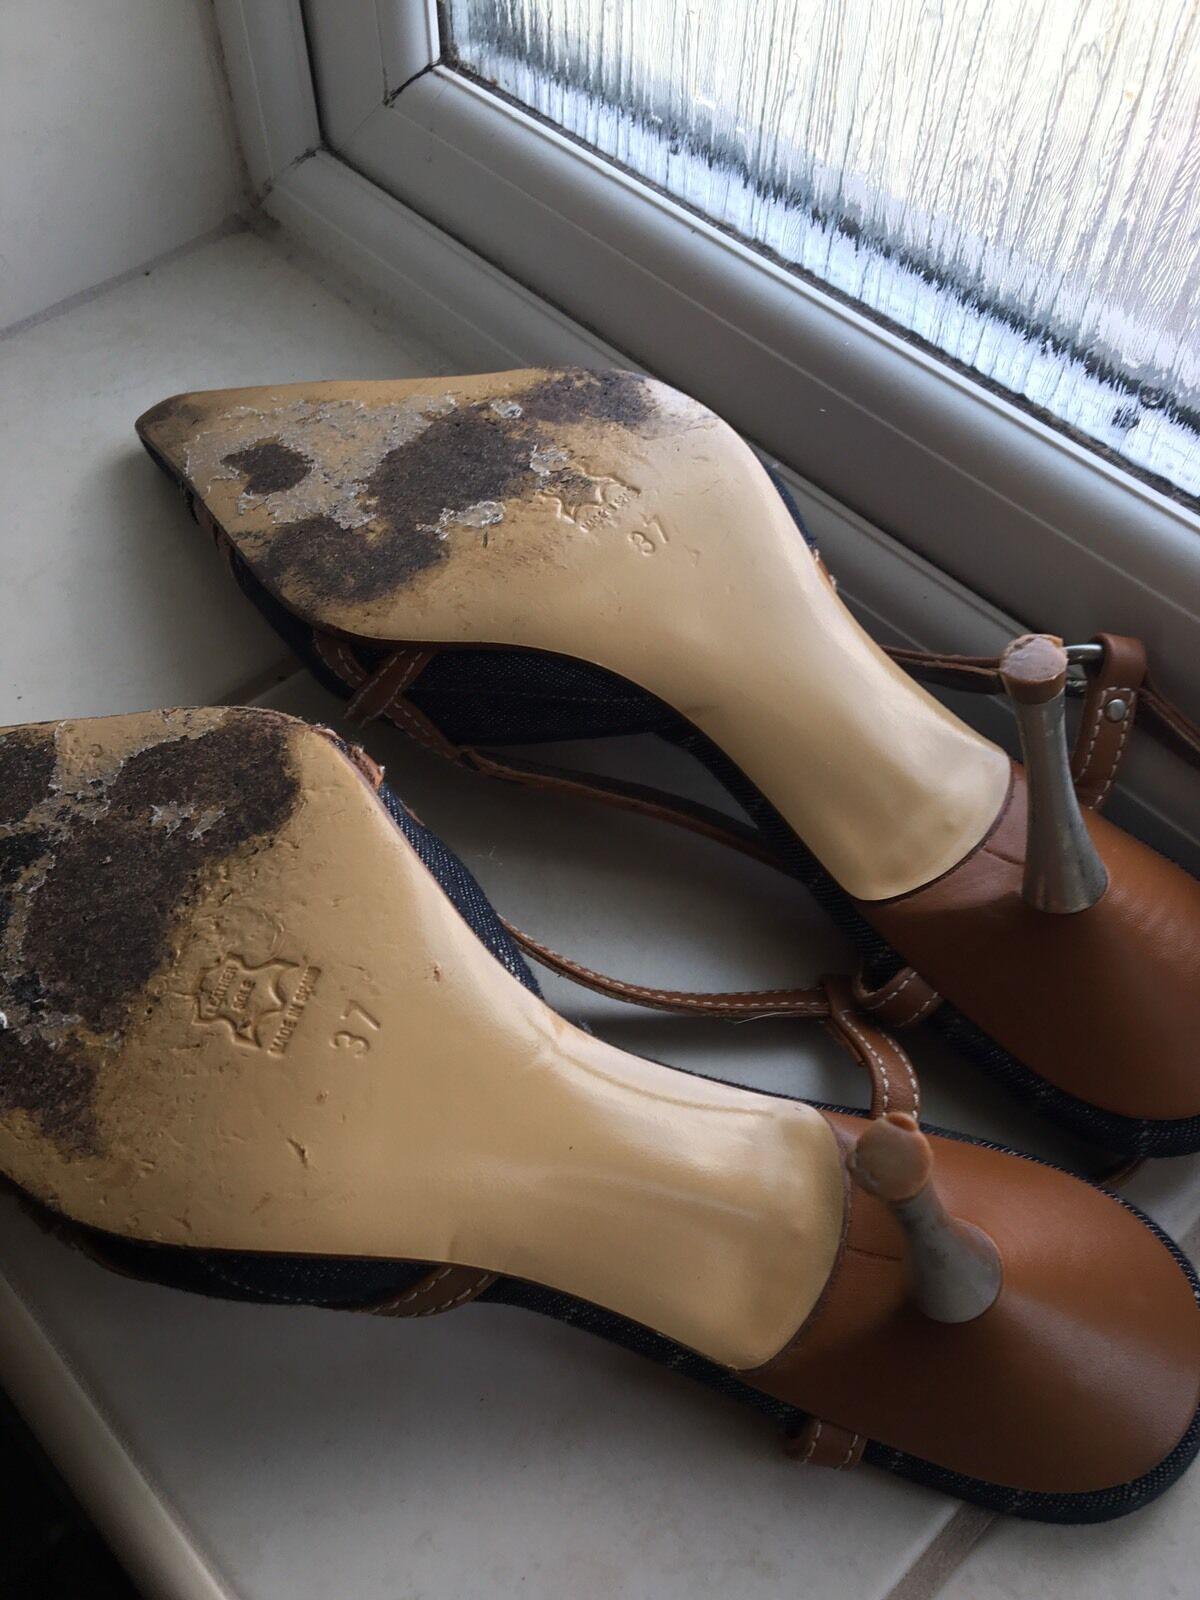 Karen Millen Sling UK Back Schuhes UK Sling Größe 4 203387